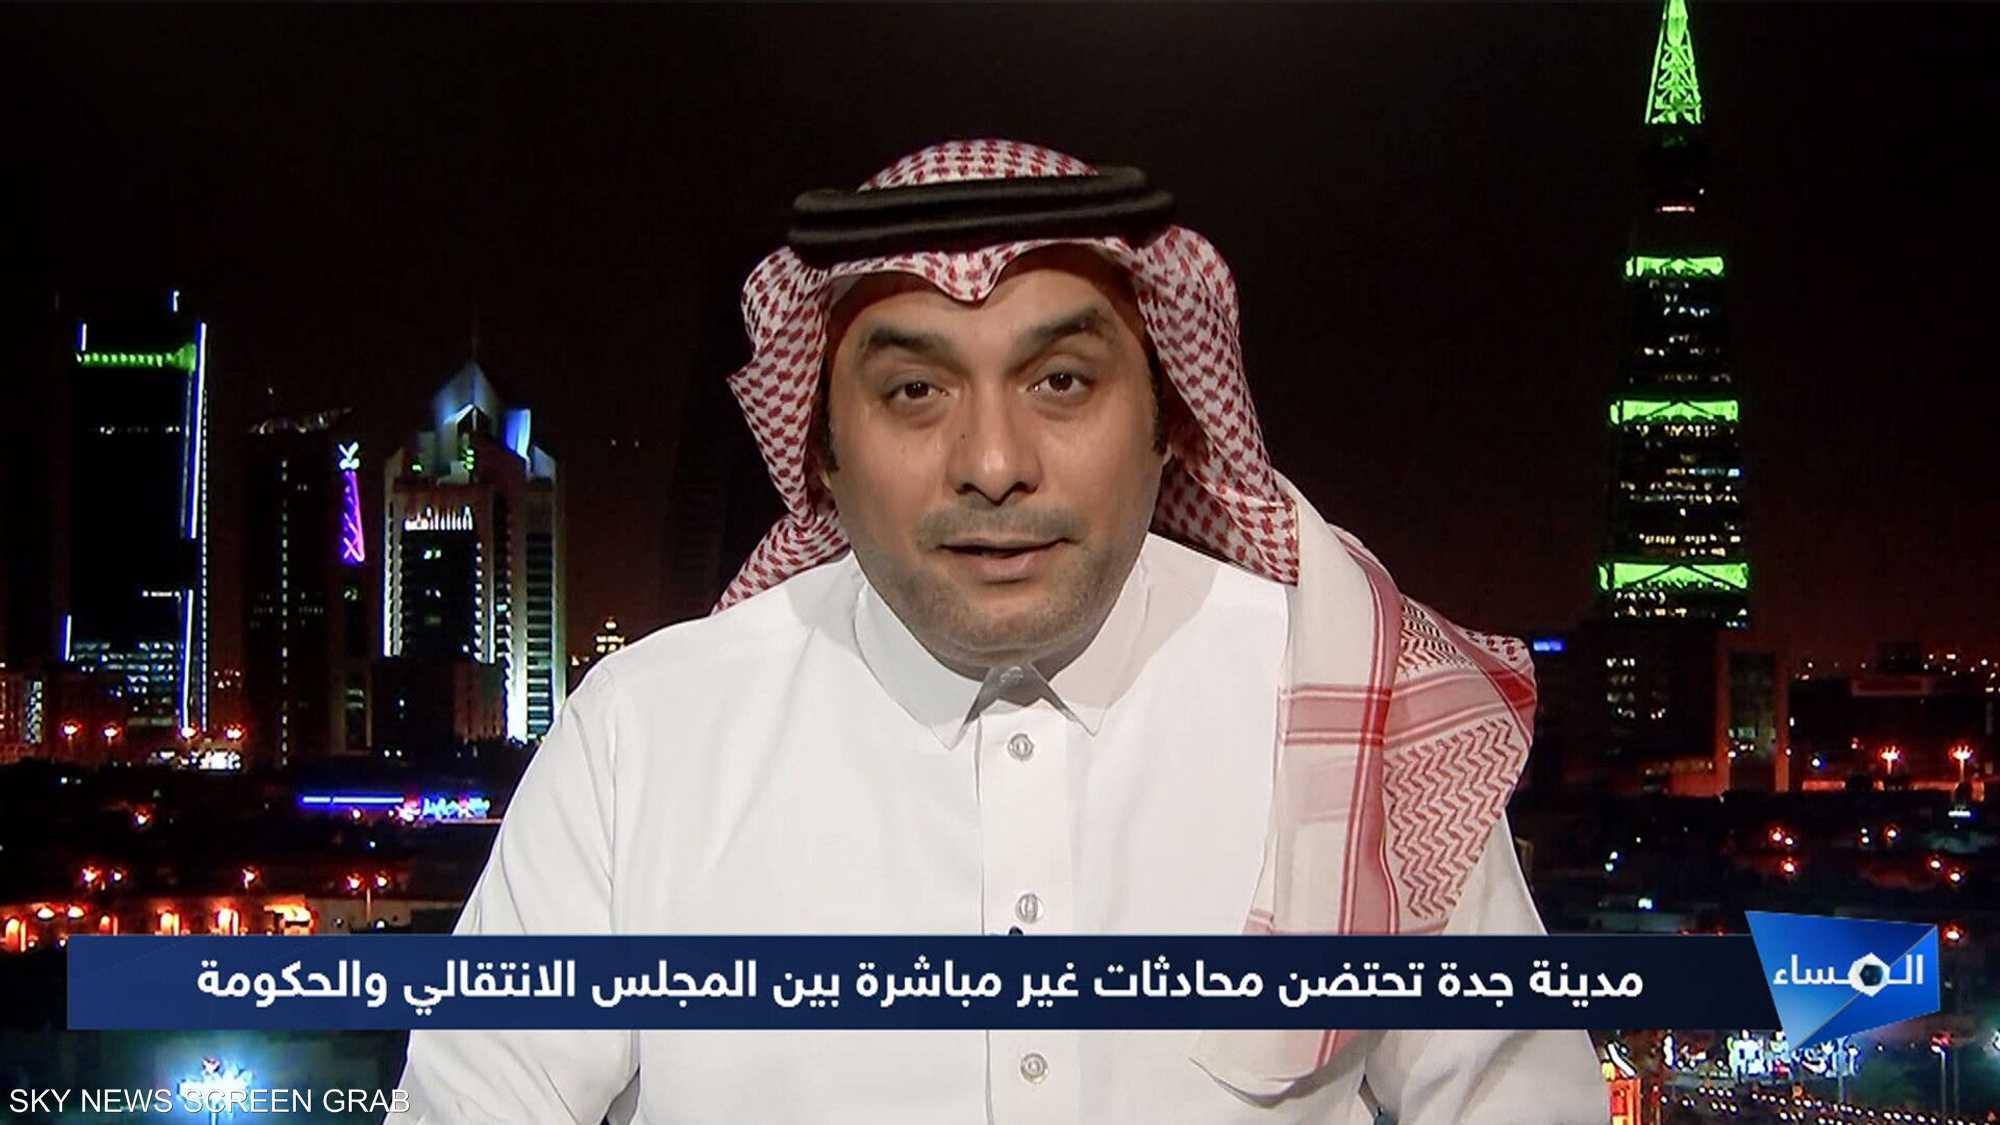 مباحثات بين الحكومة اليمنية والمجلس الانتقالي الجنوبي